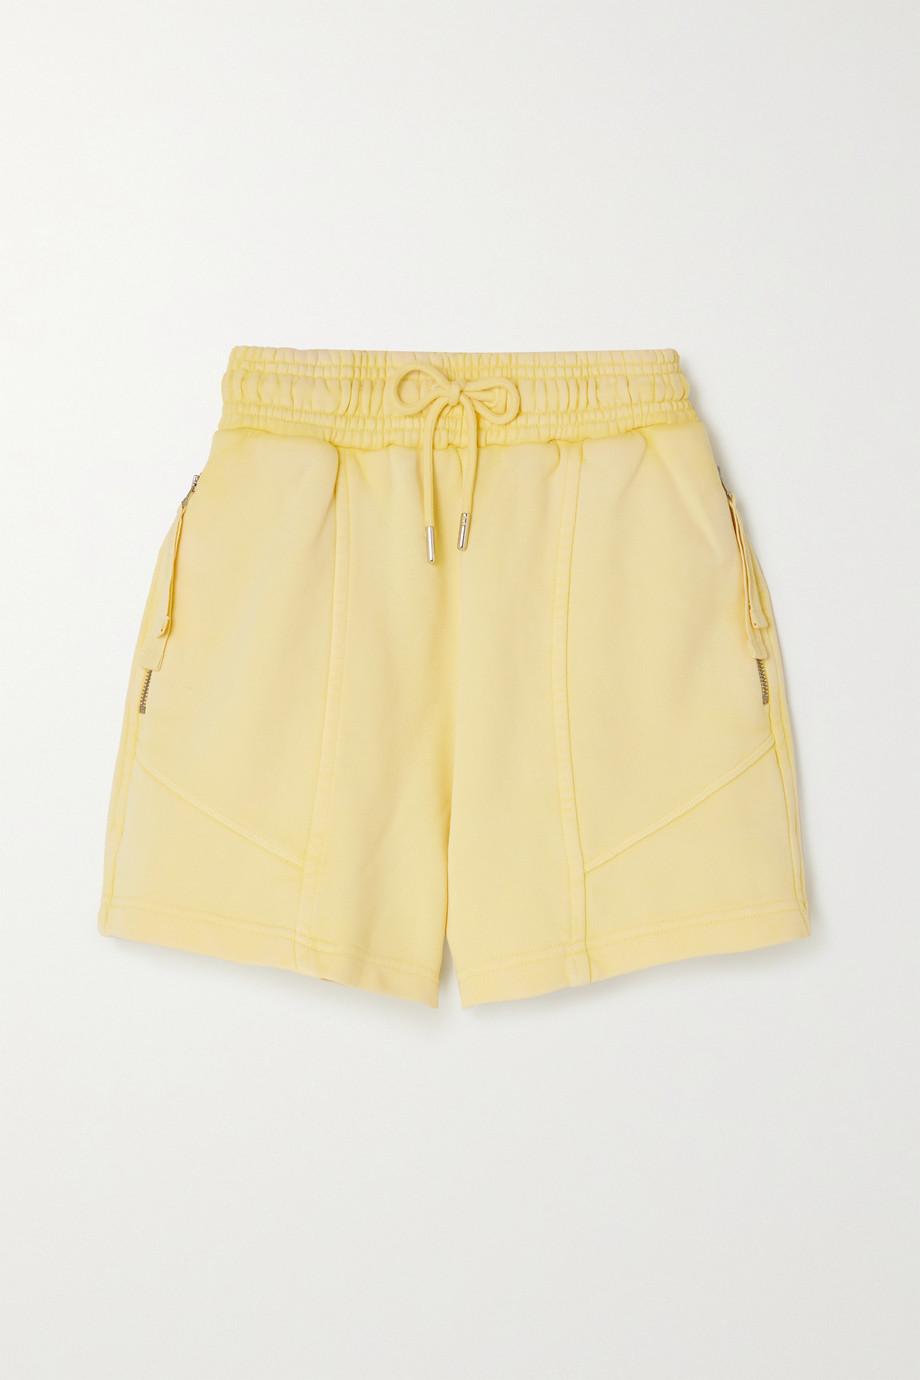 Ninety Percent Organic cotton-jersey shorts